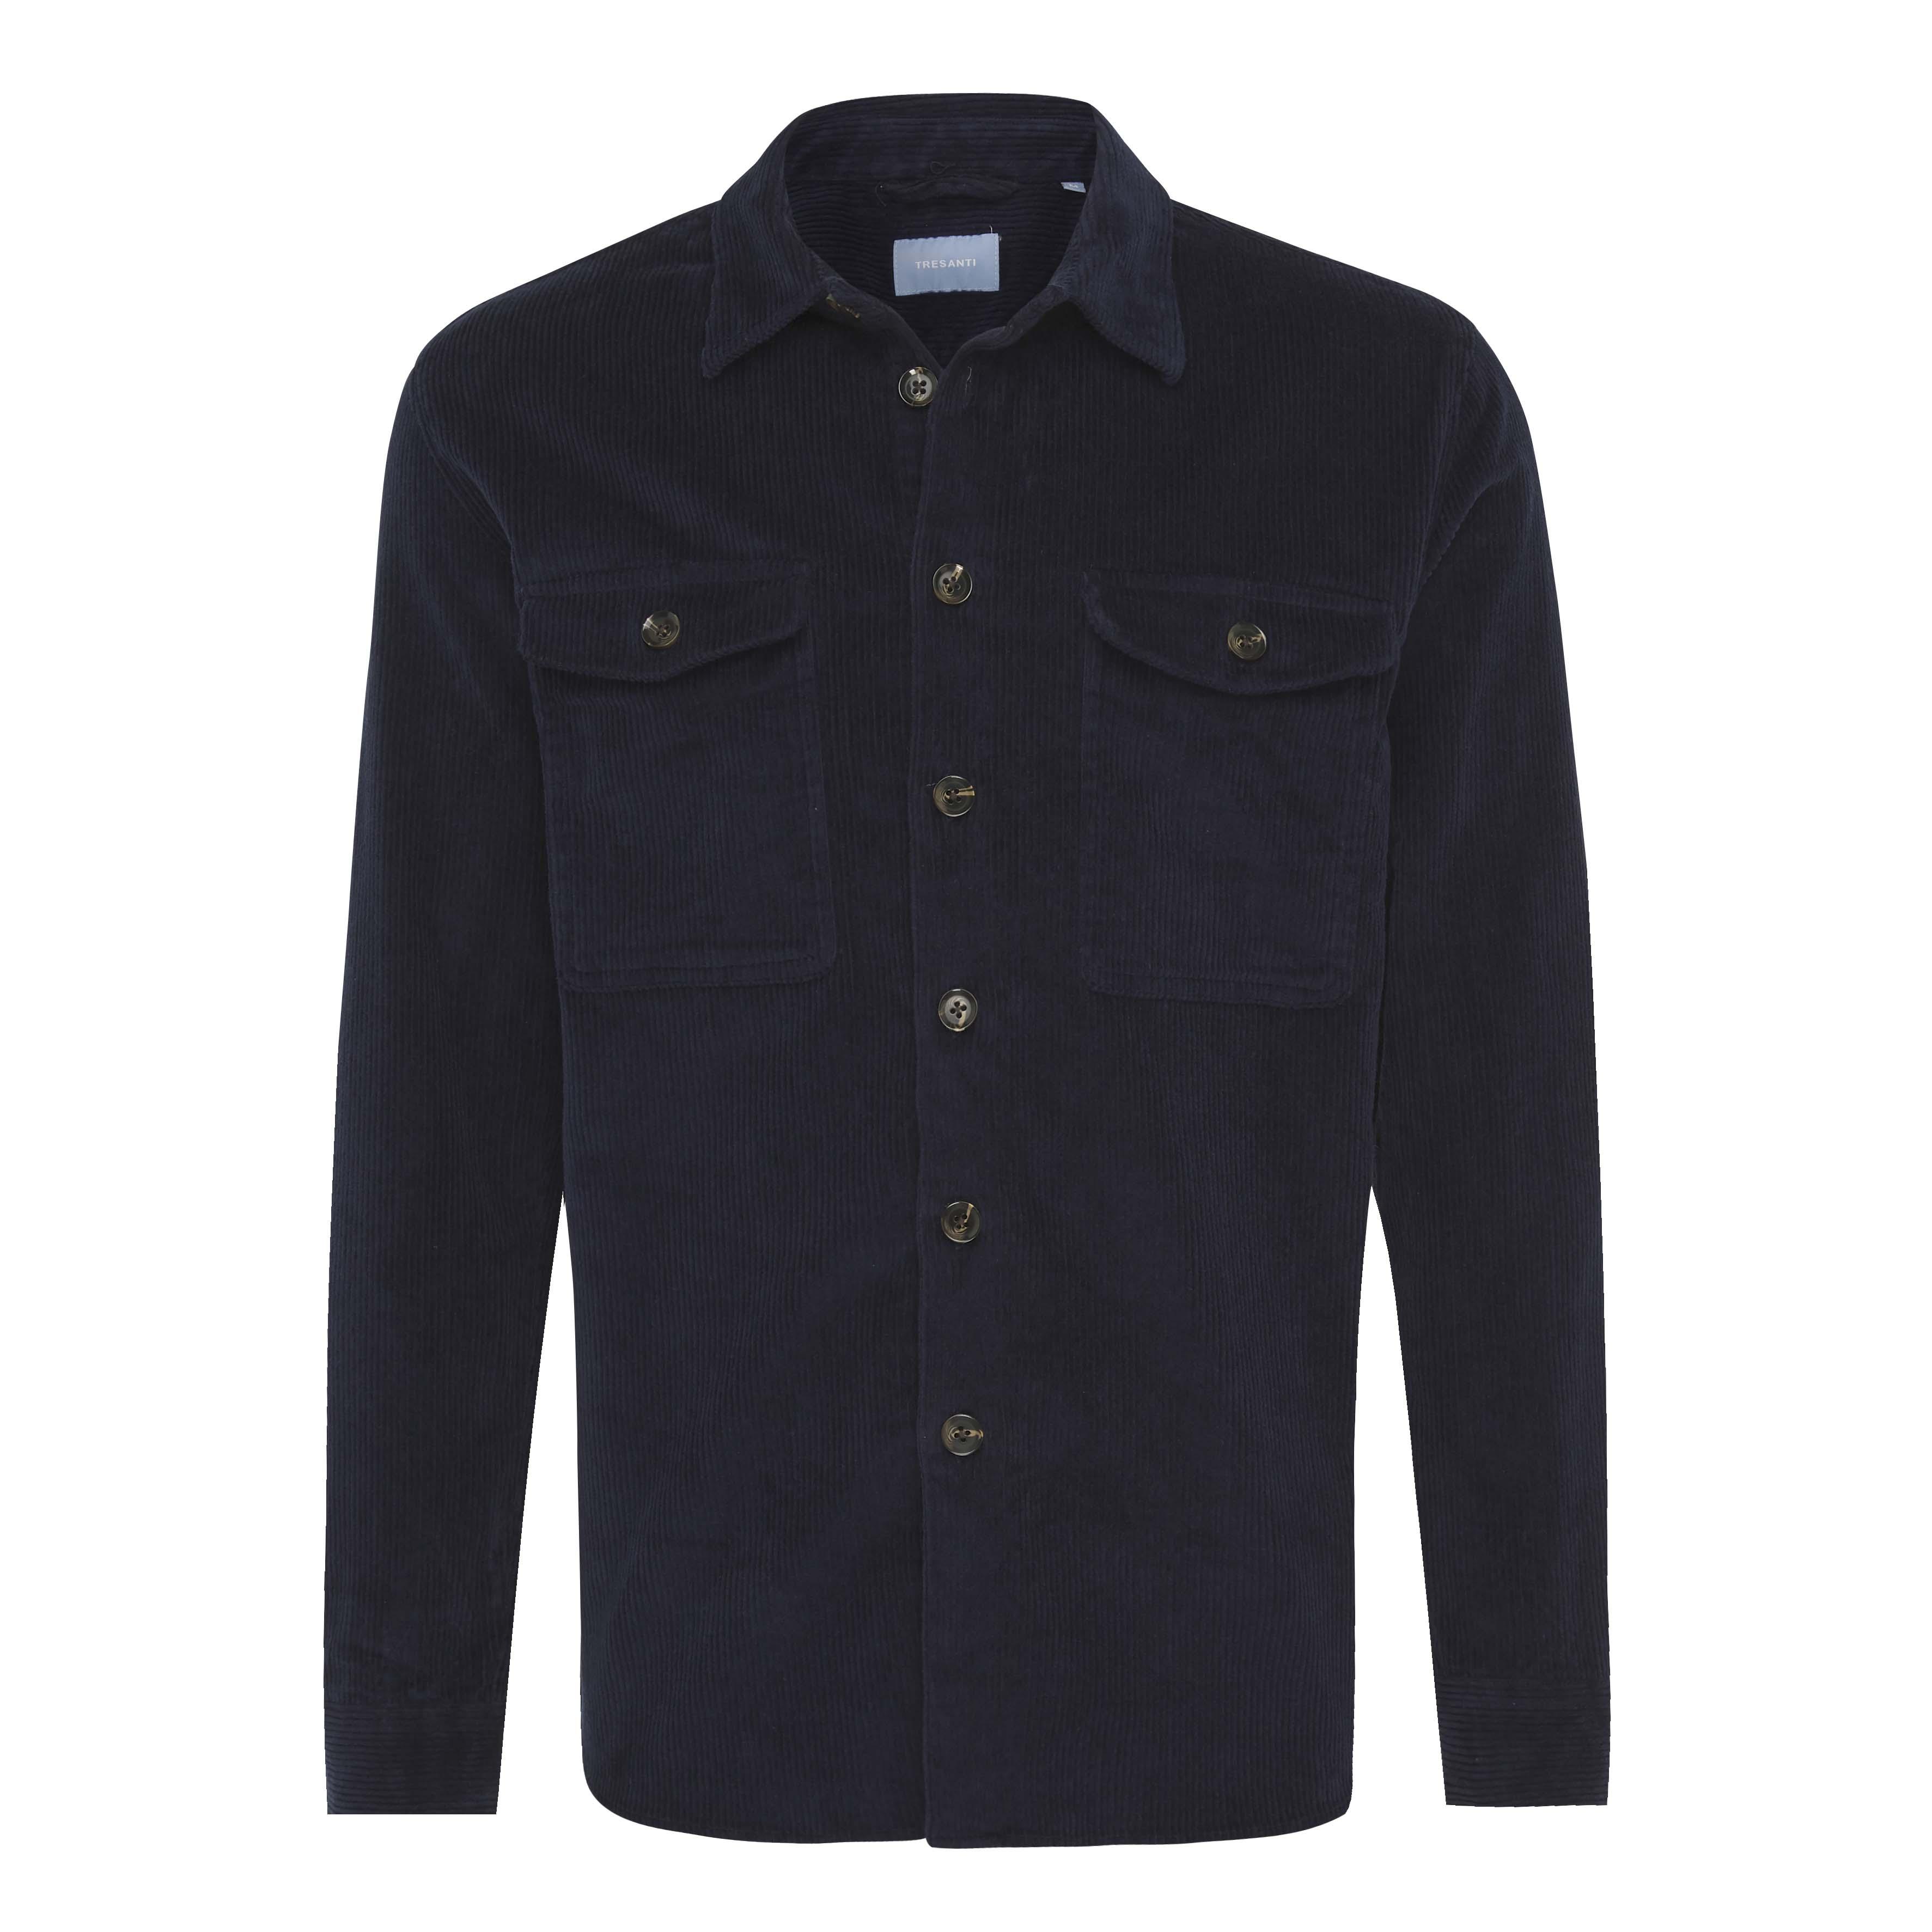 Jiro | Overshirt corduroy navy